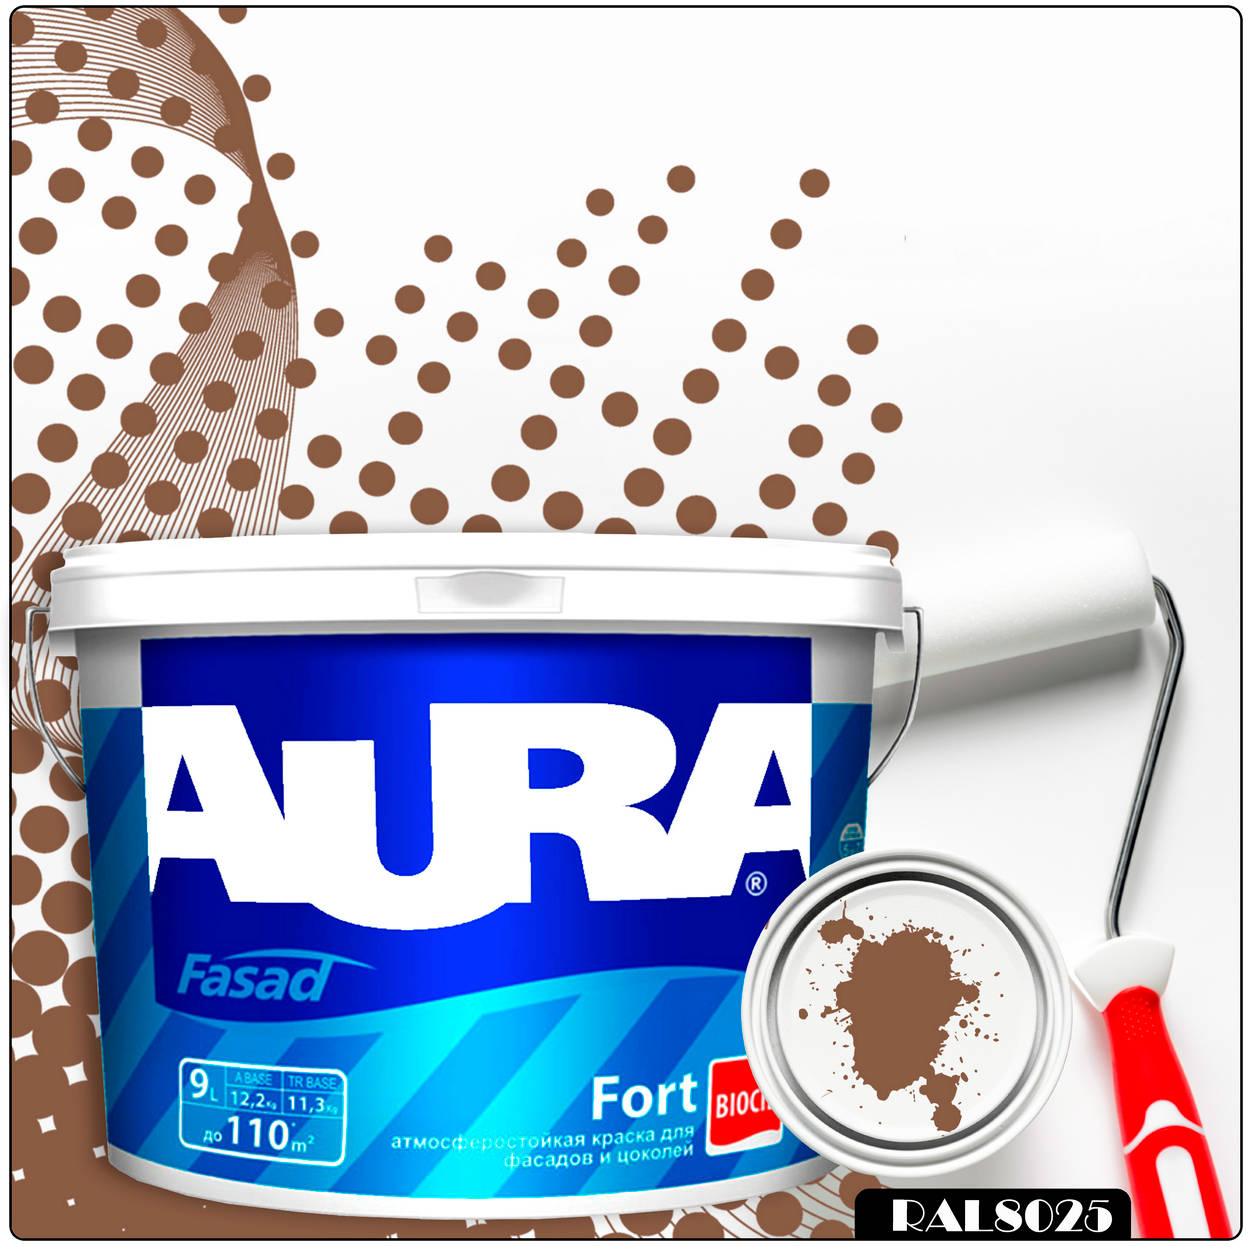 Фото 17 - Краска Aura Fasad Fort, RAL 8025 Бледно-коричневый, латексная, матовая, для фасада и цоколей, 9л, Аура.